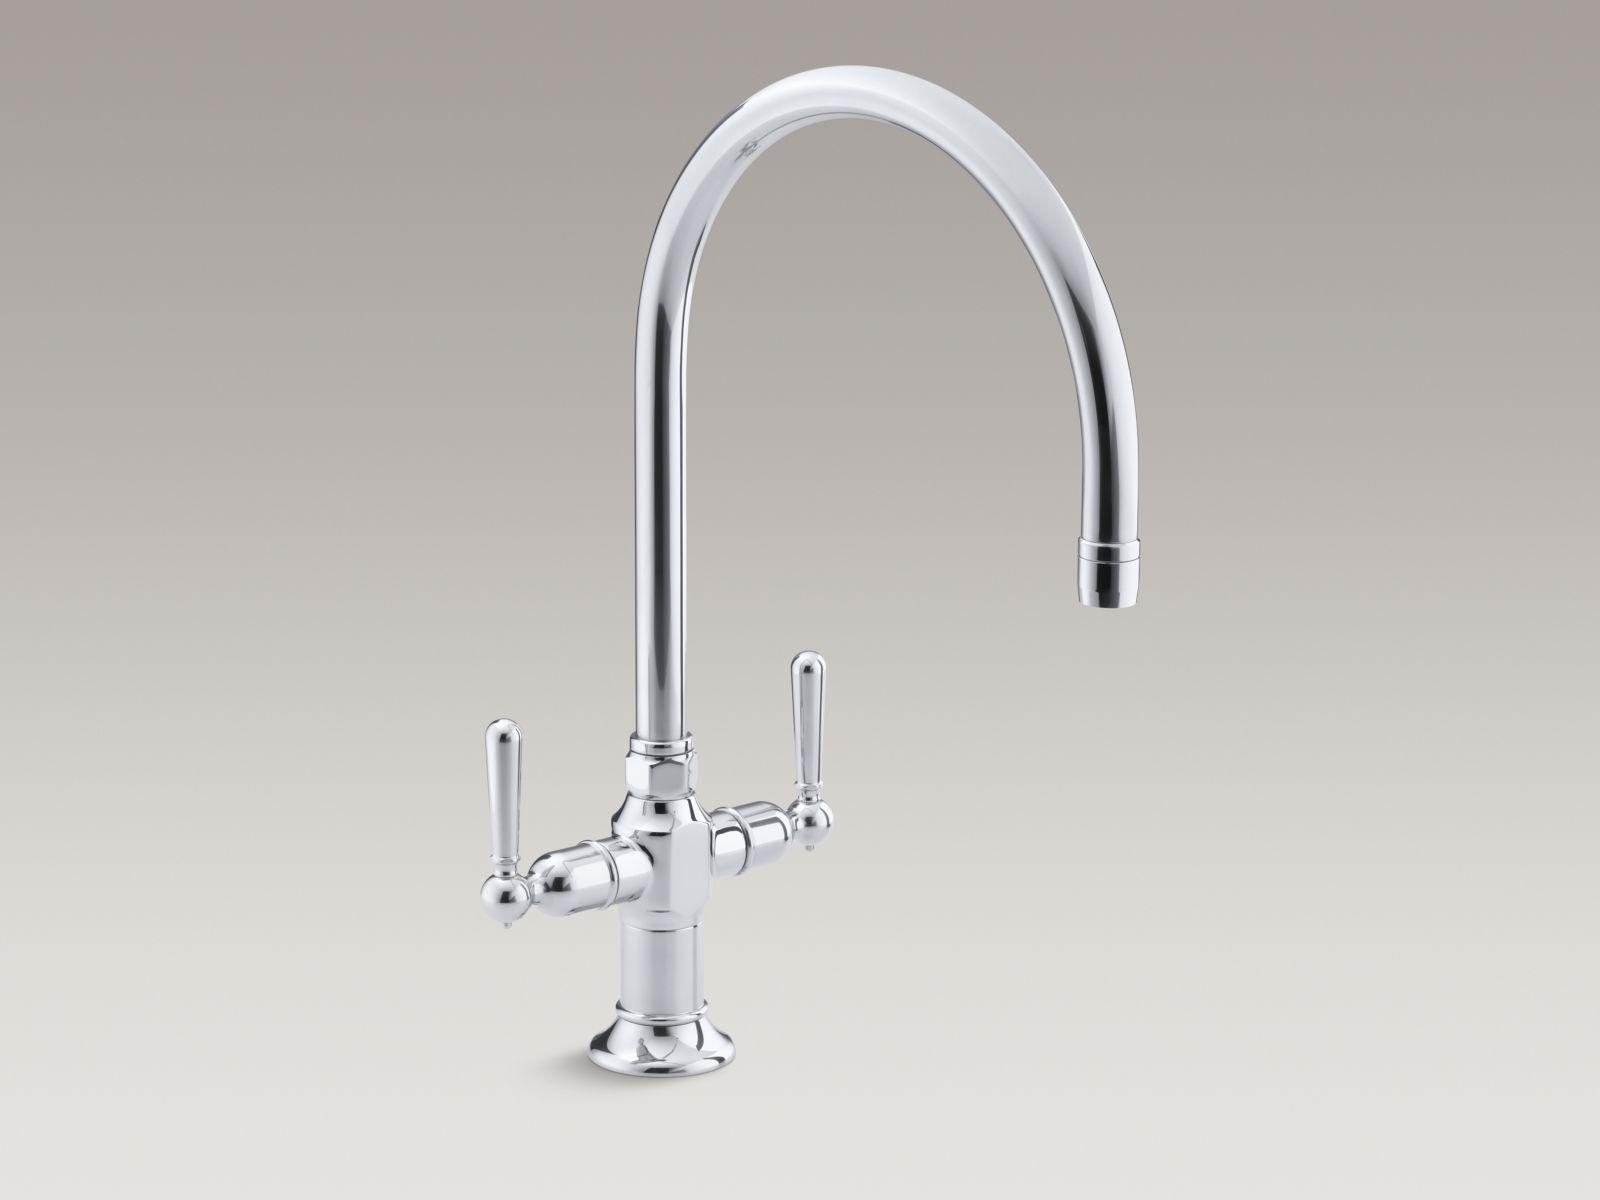 BuyPlumbing.net - Product: Kohler K-7341-4-S HiRise Single ...